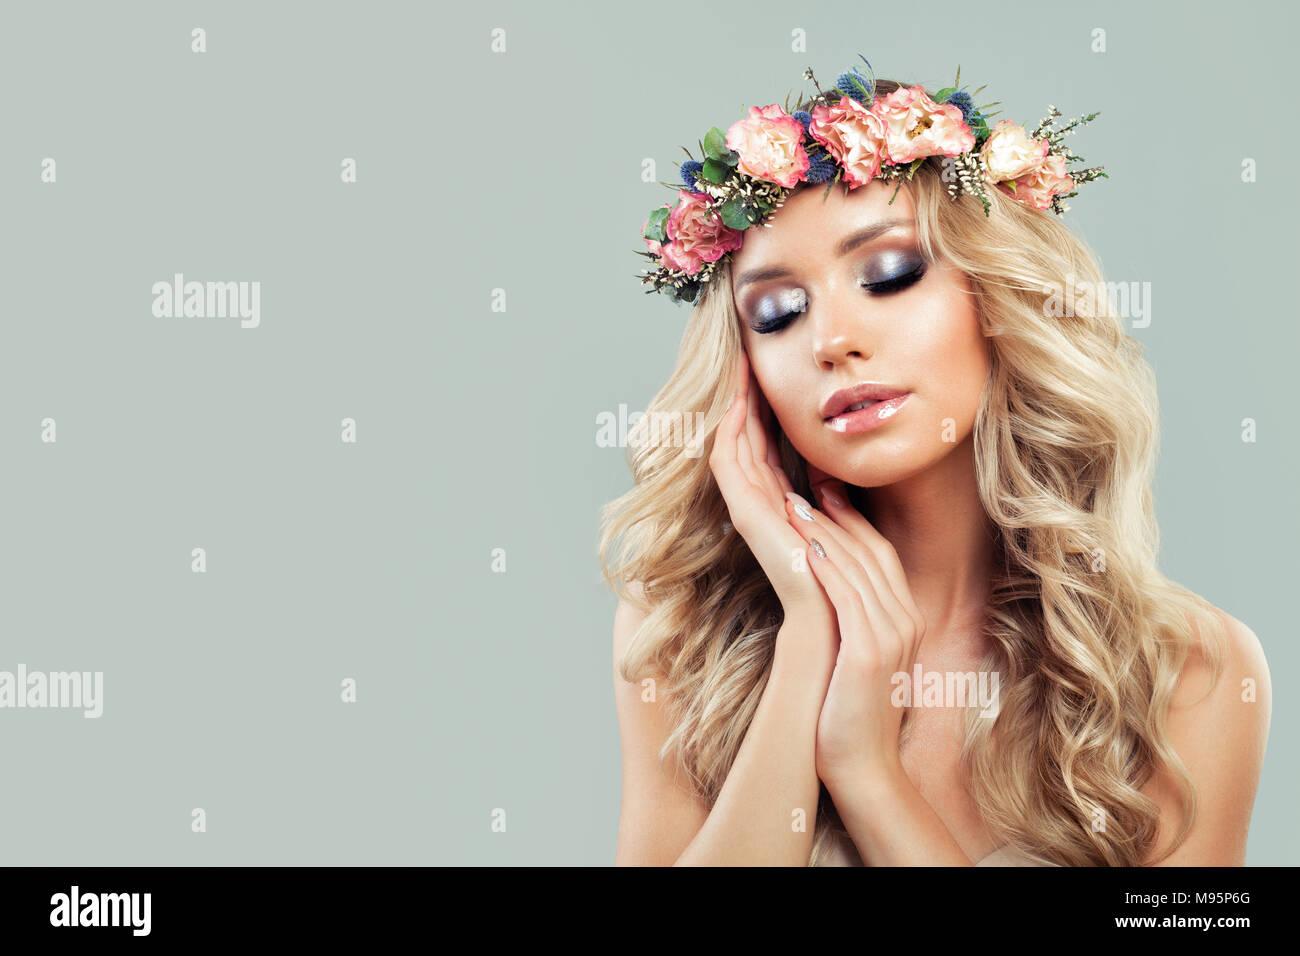 Sommer Schönheit Schöne Junge Frau Mit Blumen Kranz Lange